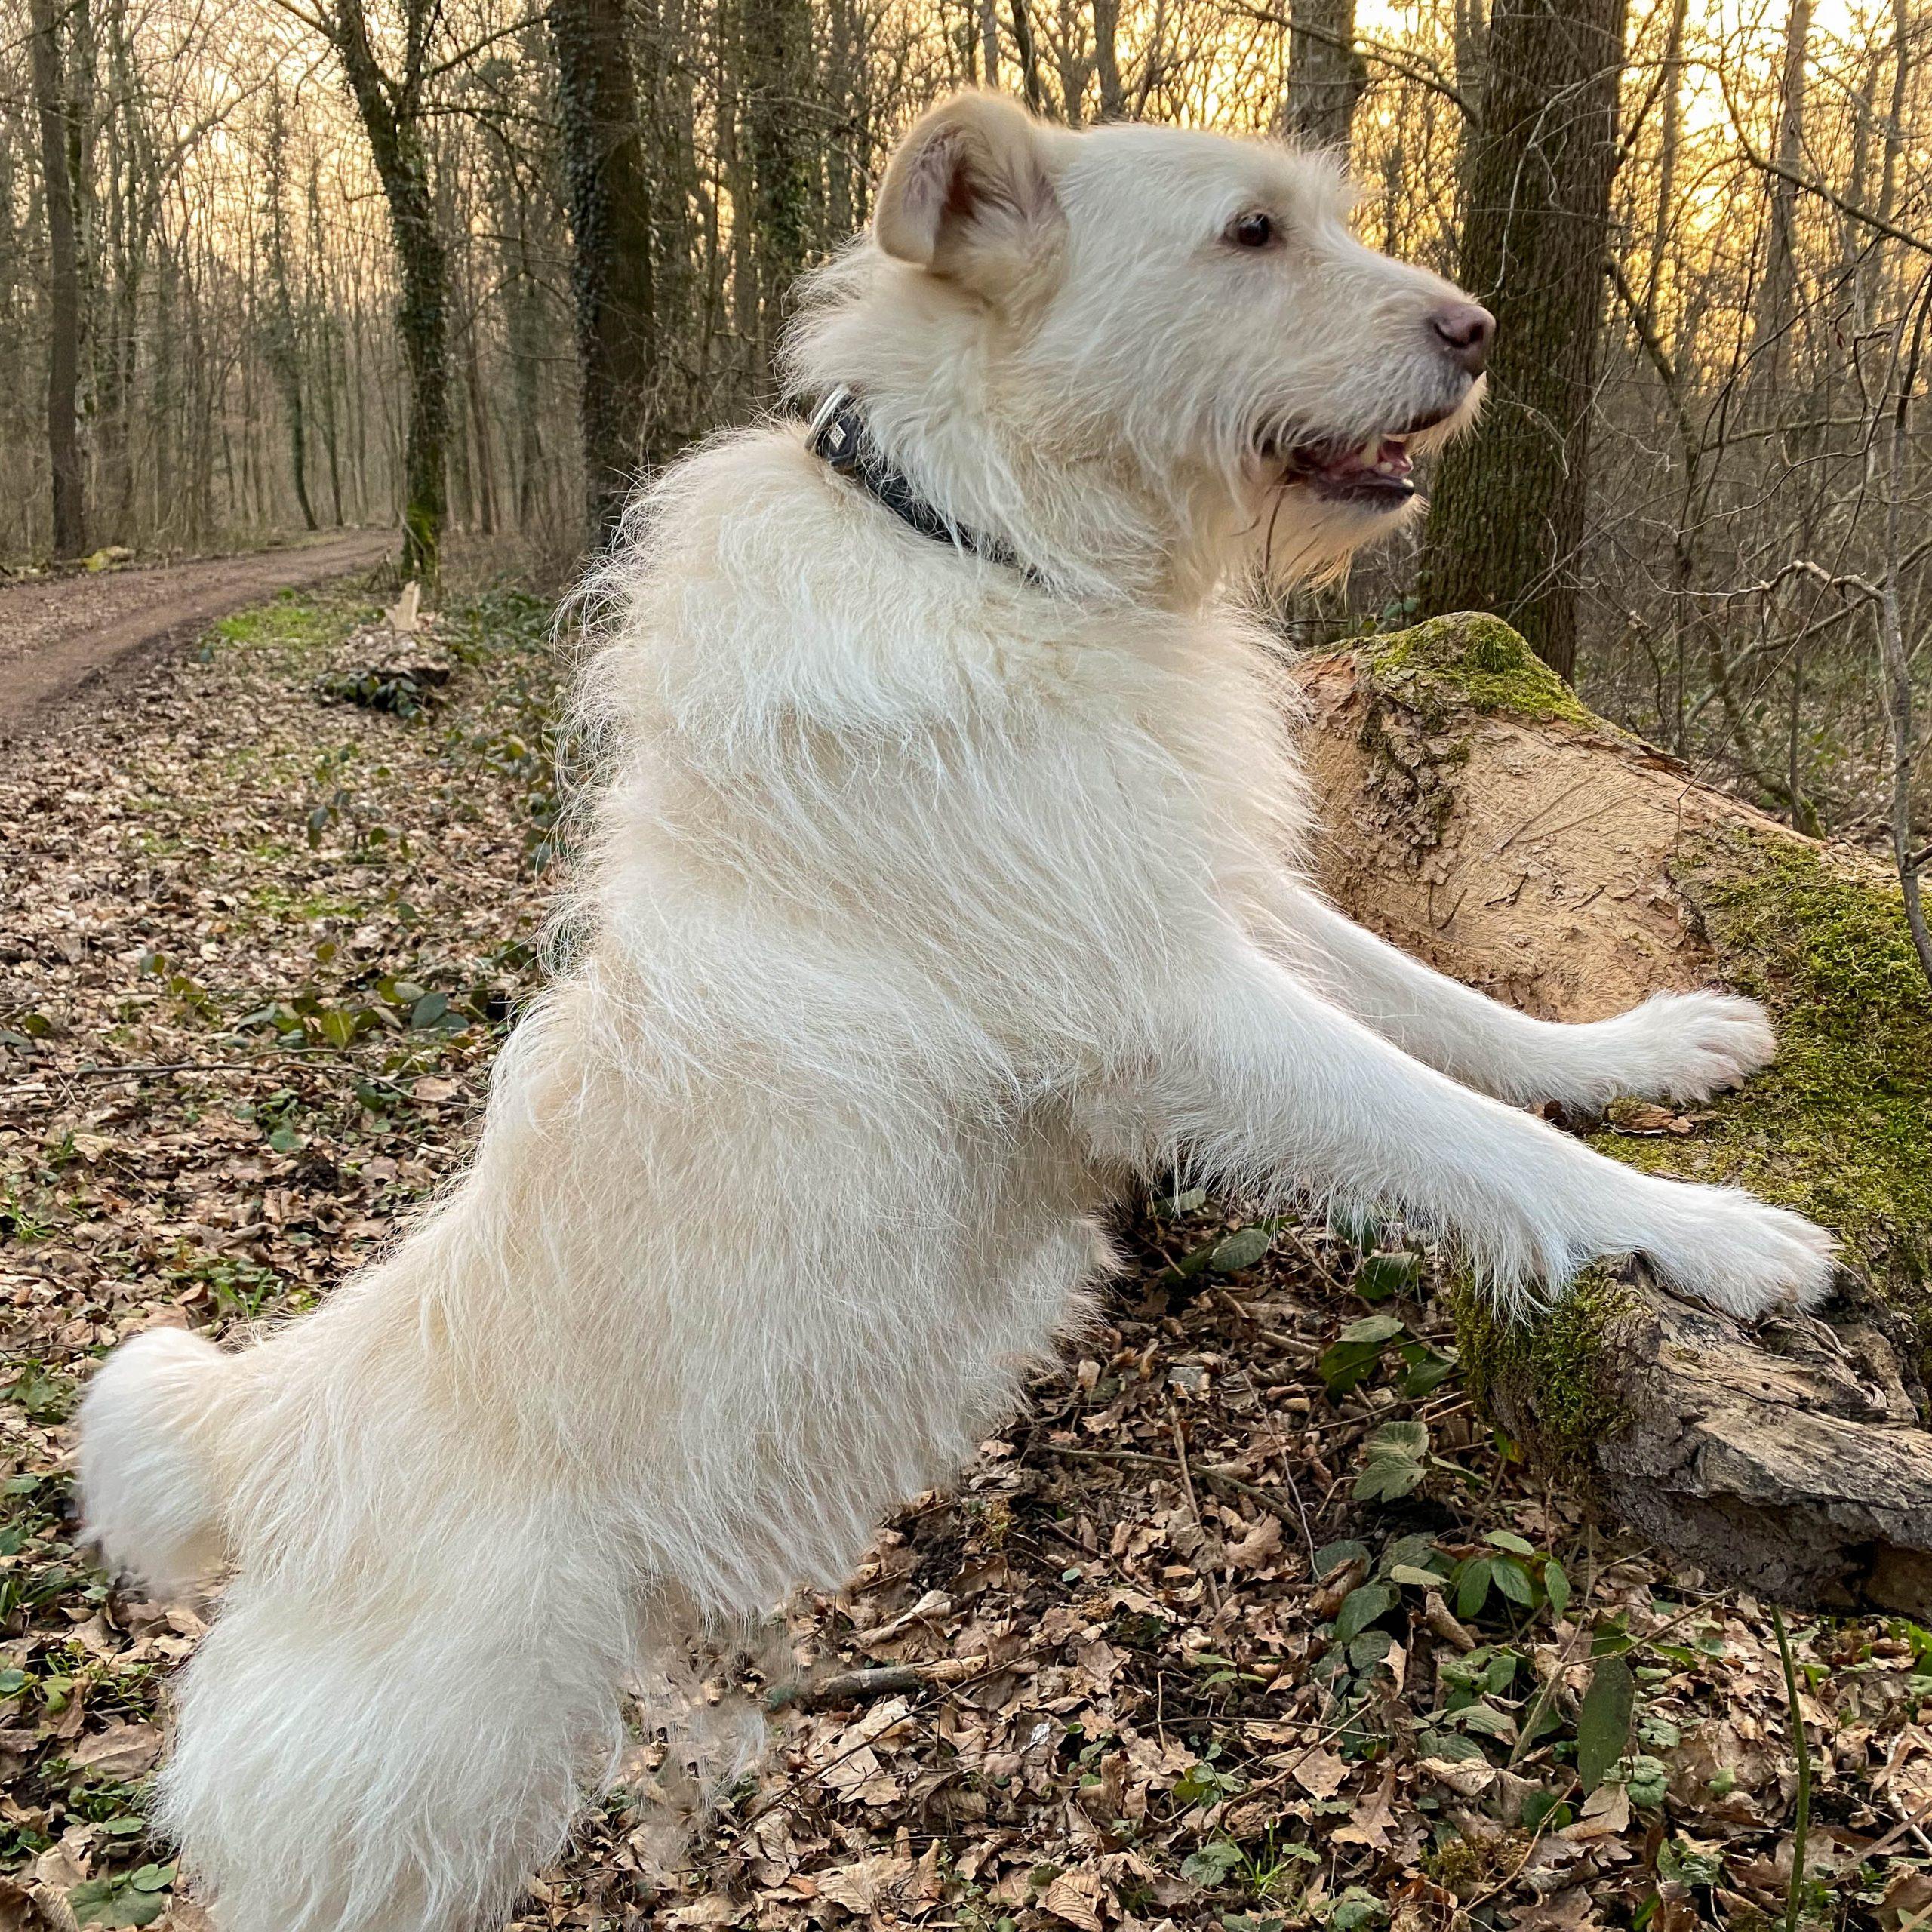 Hund steht auf Hinterpfoten am Baum und schaut sich im Wald um